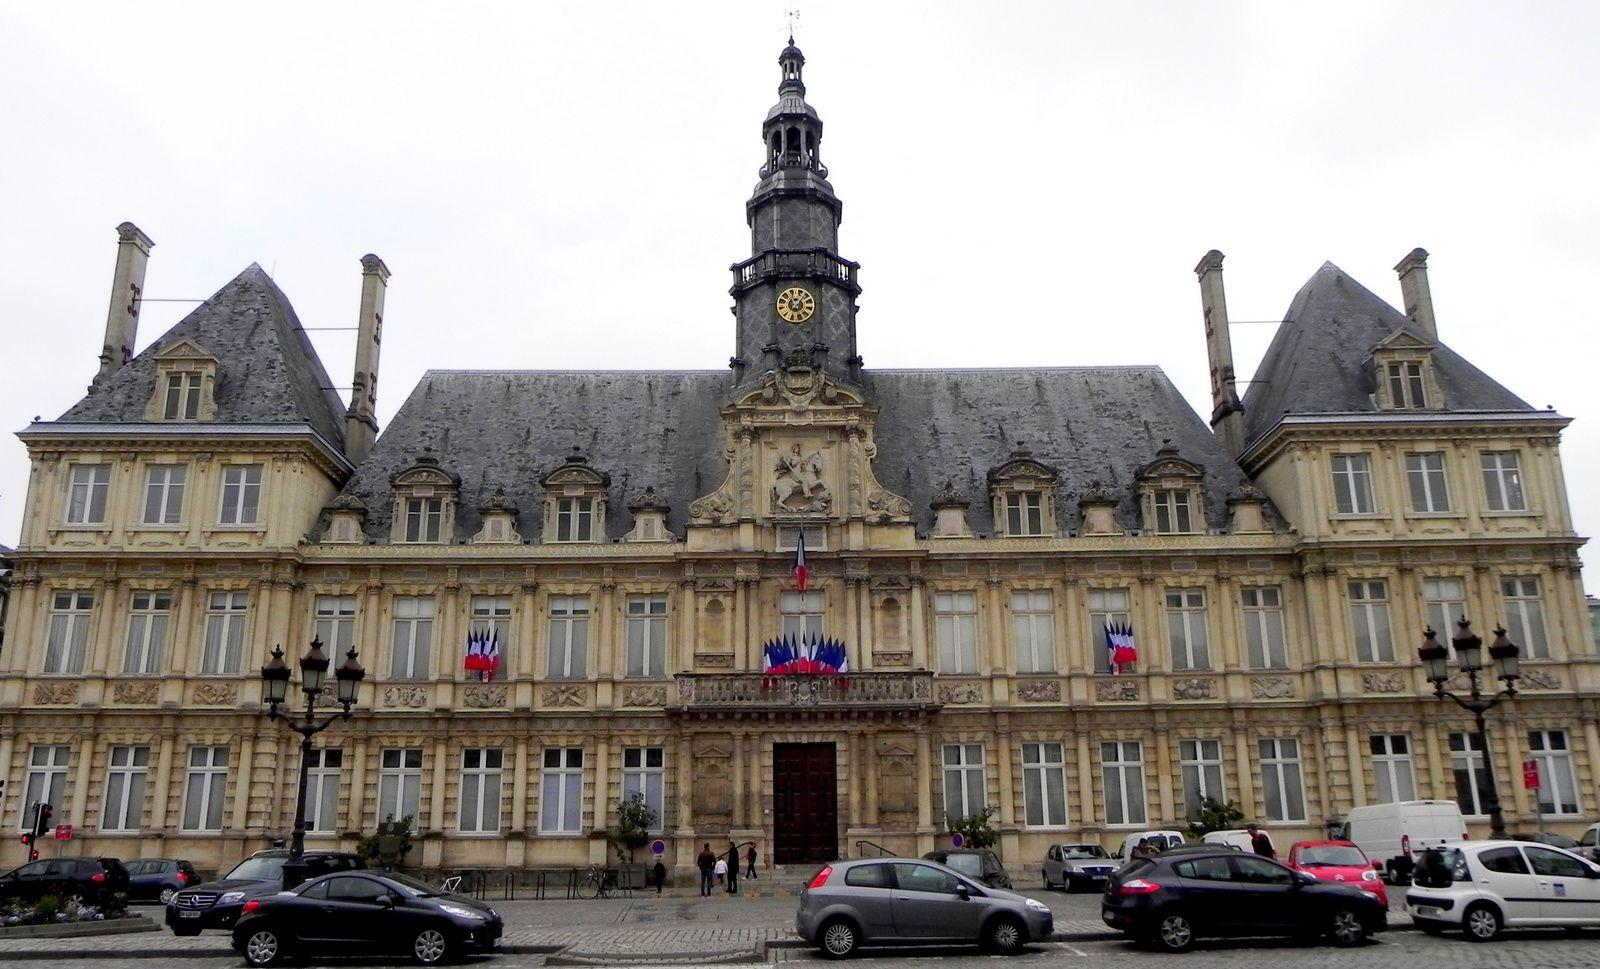 L'Hôtel de Ville de Reims